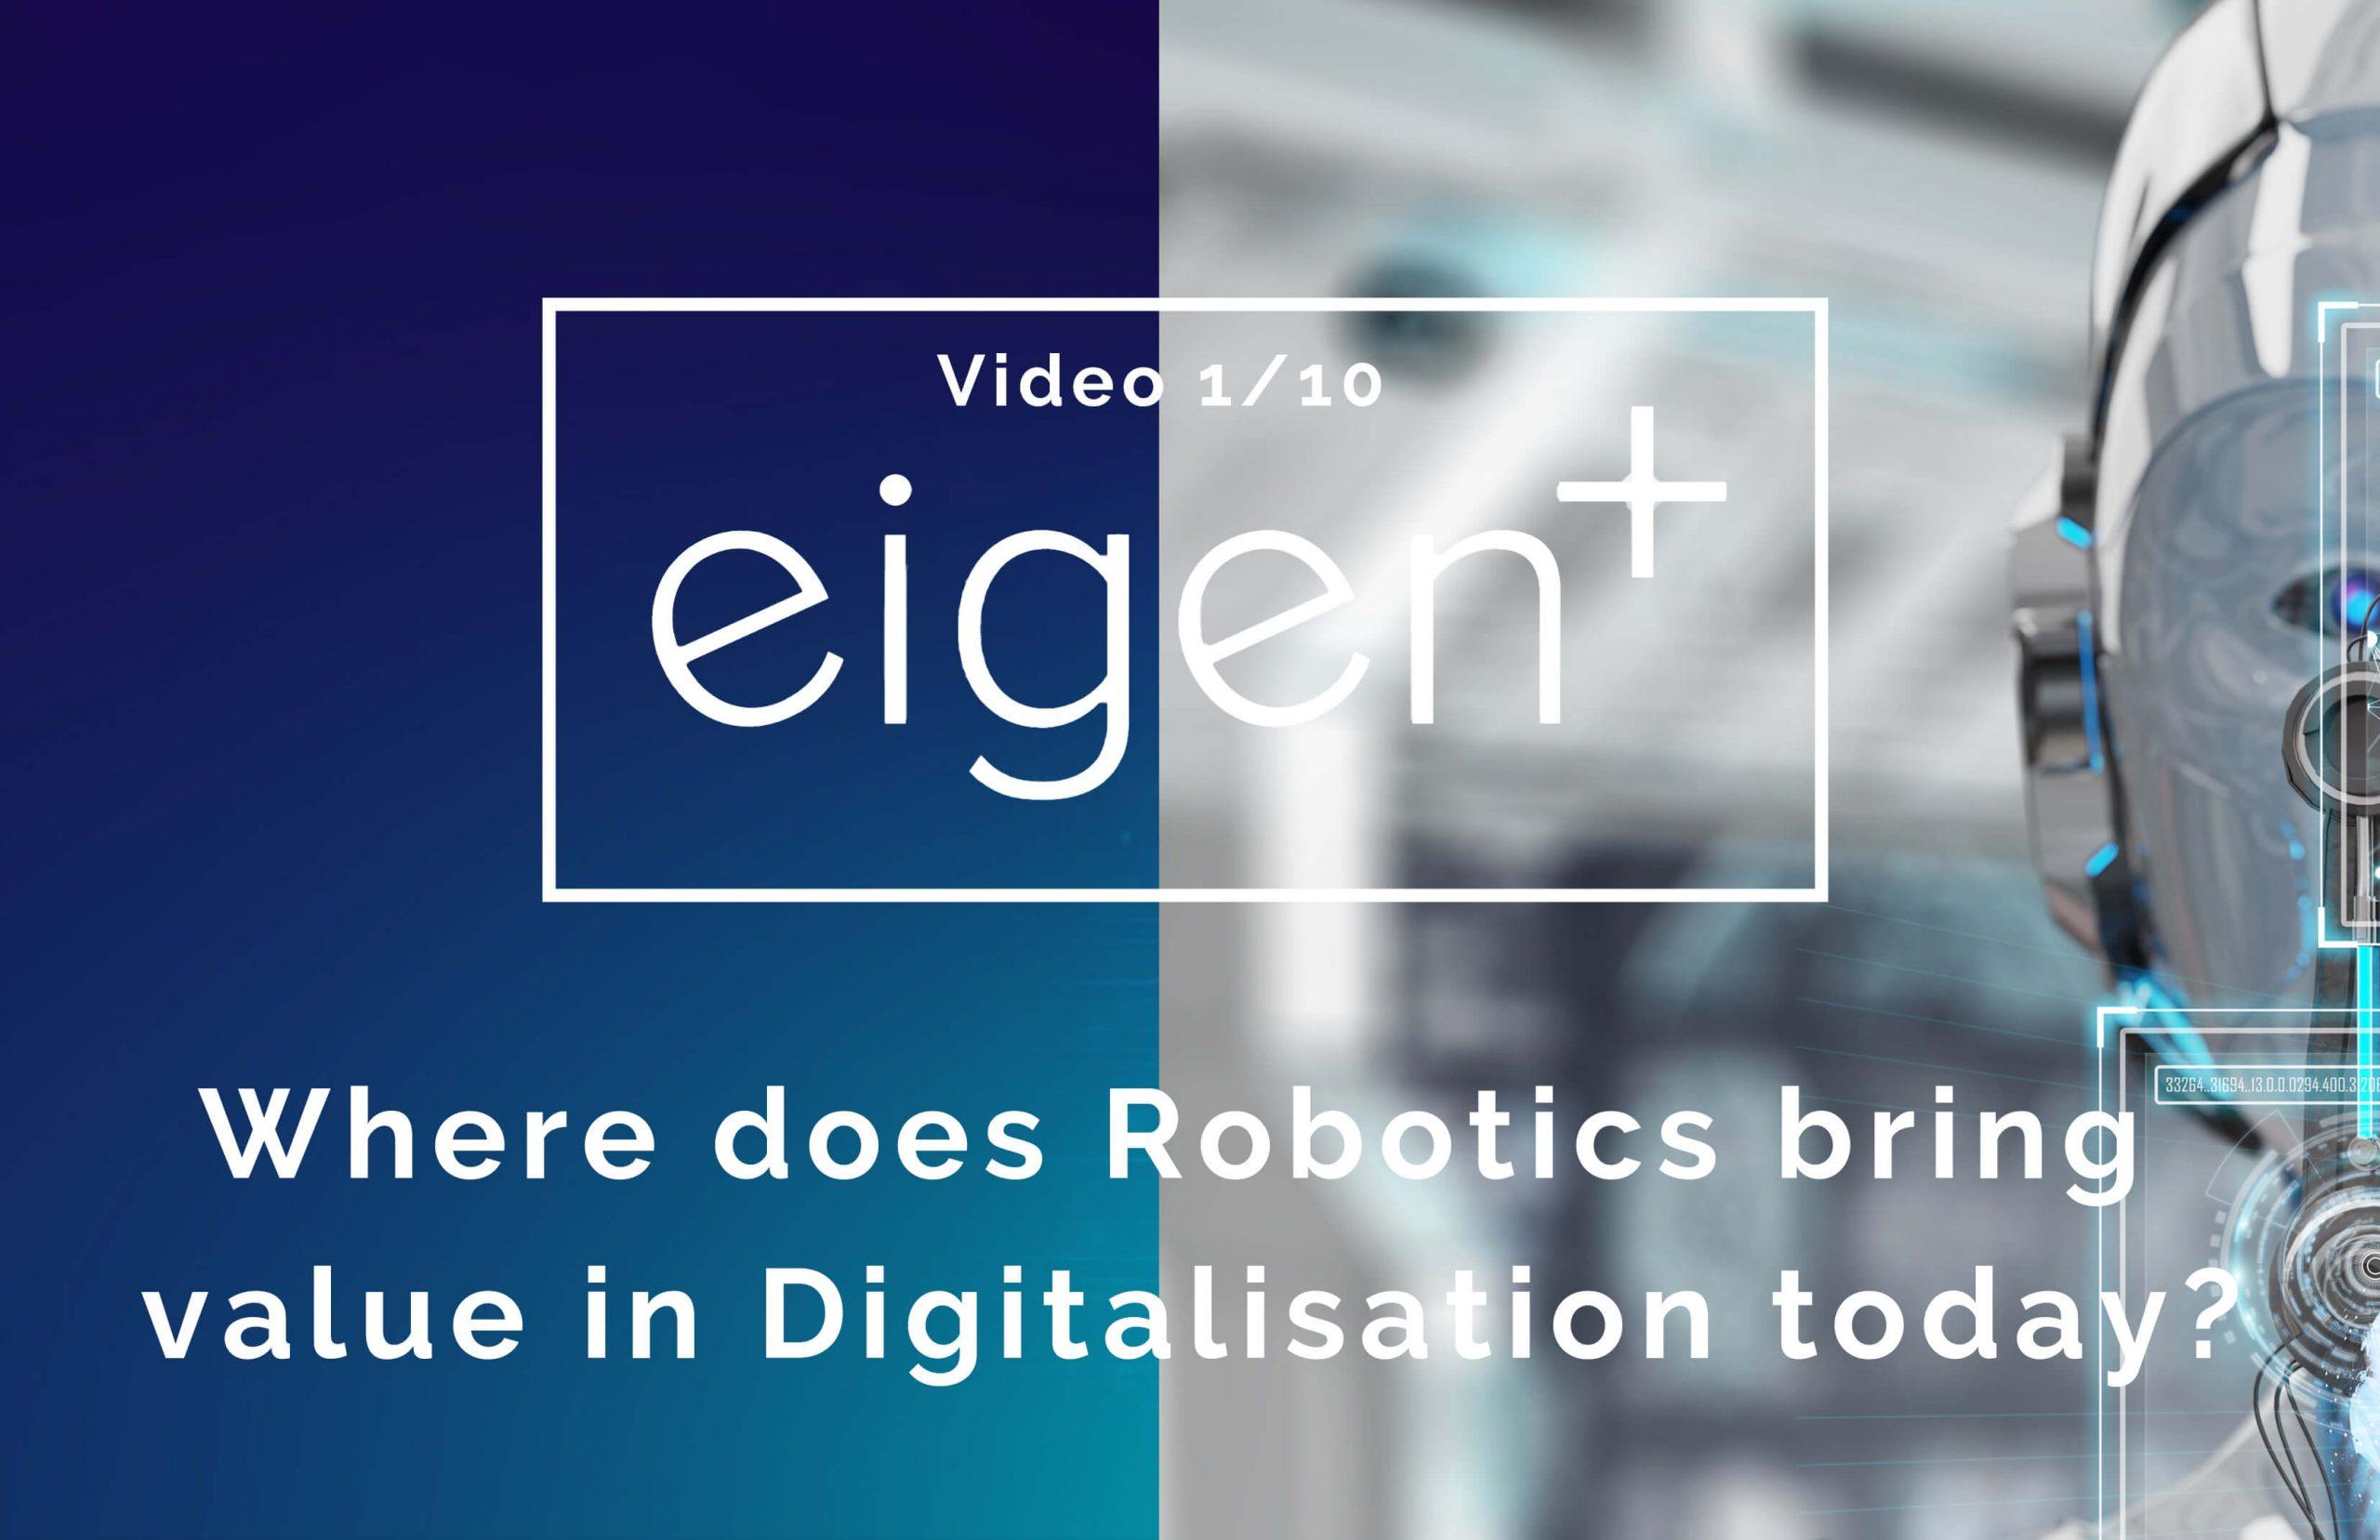 roboticsvideo1